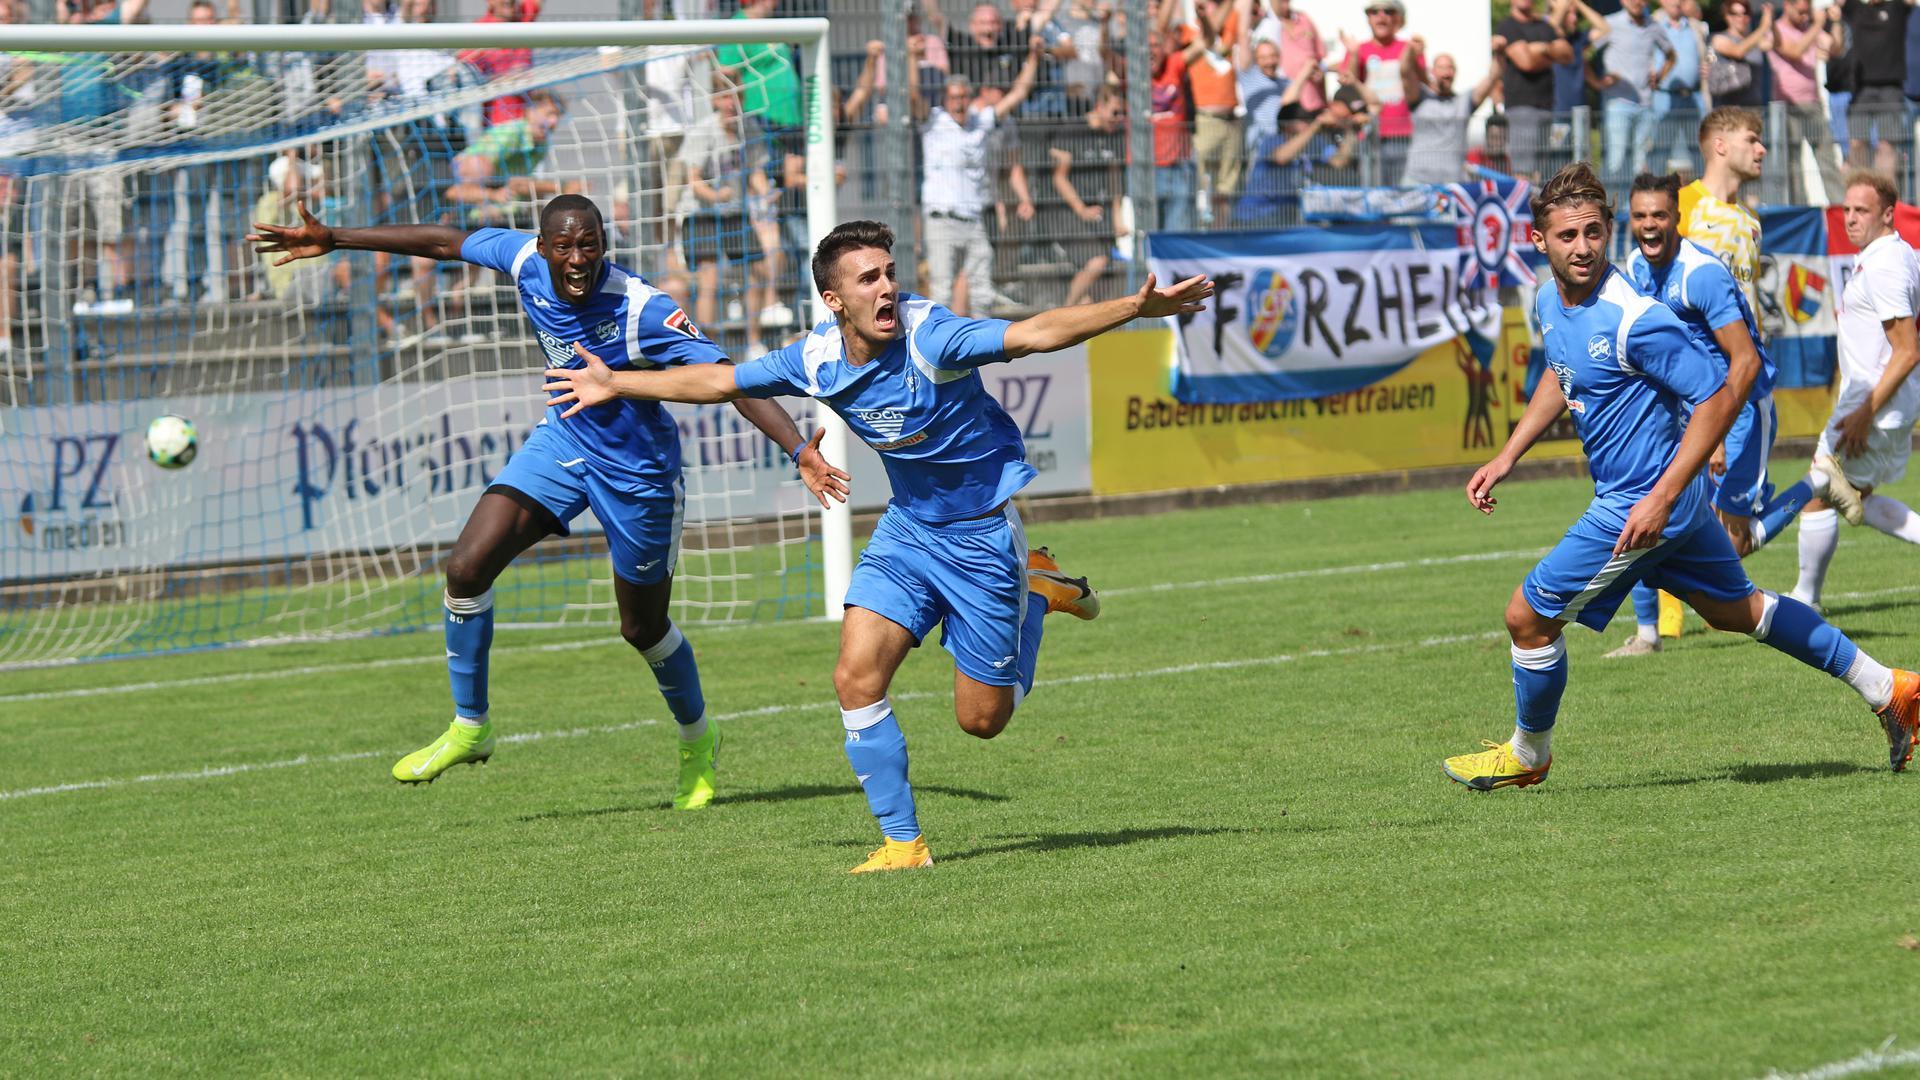 Moral bewiesen: Salvatore Catanzano (Mitte) bejubelt mit seinen Team-Kollegen des 1. CfR Pforzheim seinen Siegtreffer in der Nachspielzeit gegen den TSV Ilshofen